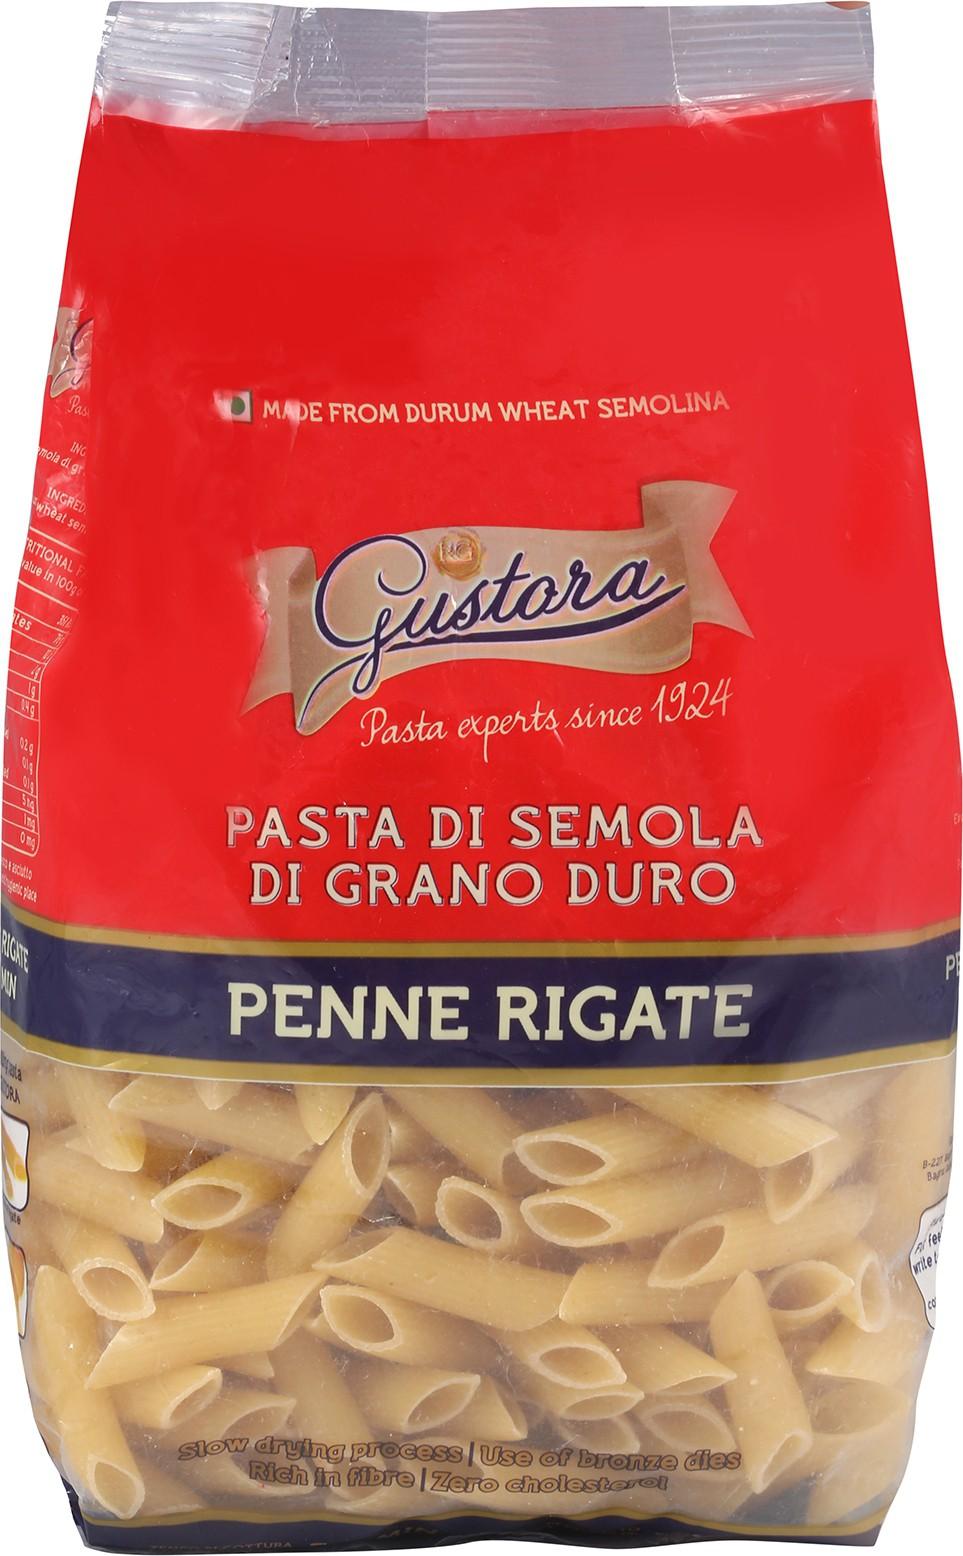 Gustora Penne Rigate Pasta